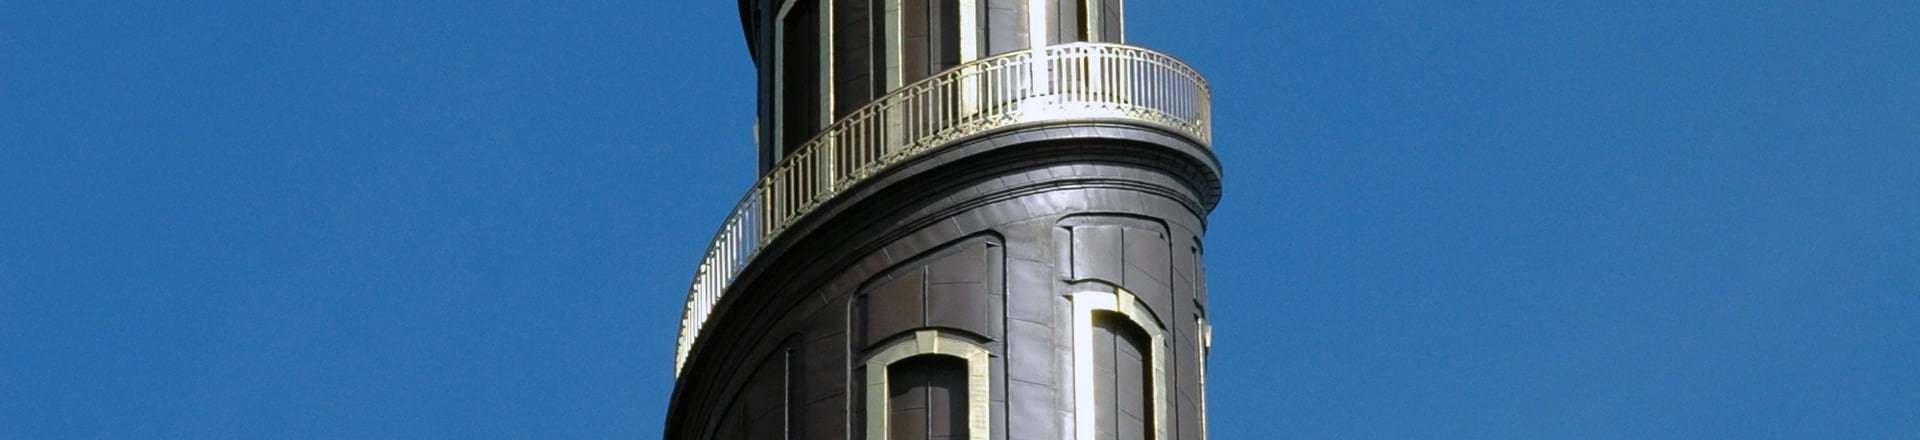 Hotels in kopenhagen g nstig ab 32 destinia for Hotels in kopenhagen zentrum